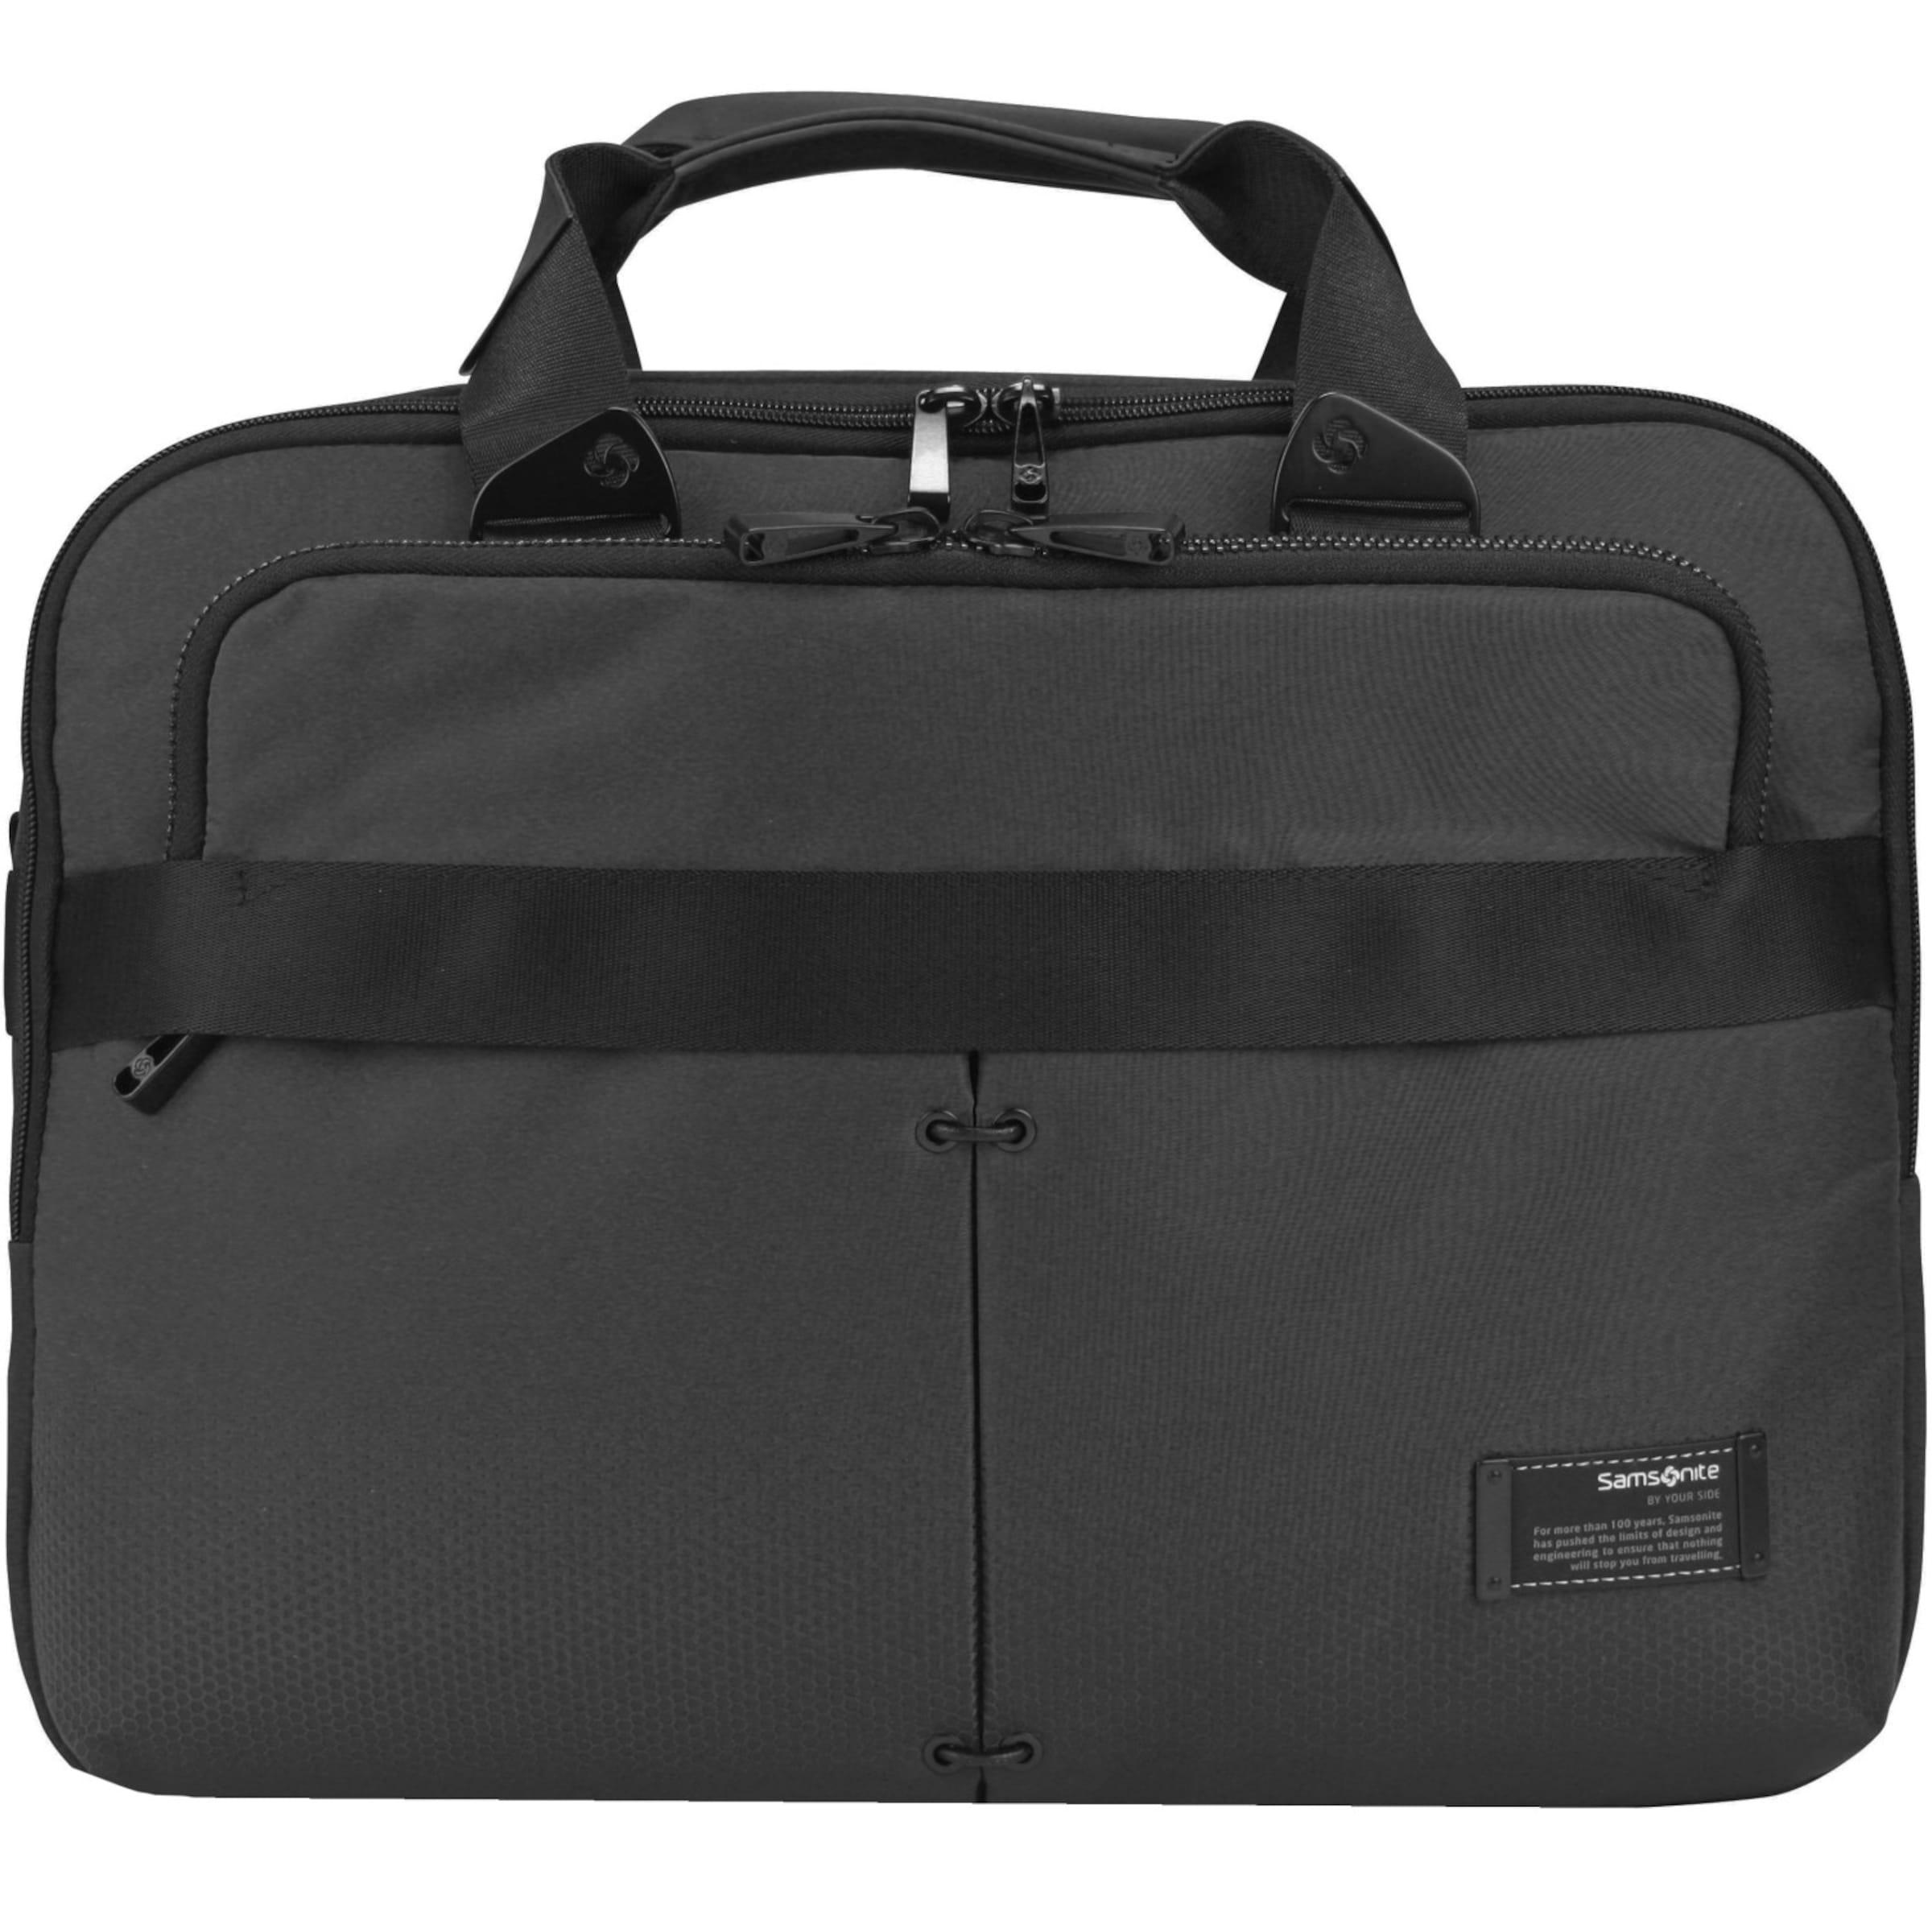 SAMSONITE Cityvibe Businesstasche 44 cm Laptopfach Verkauf Billig Ausverkaufs-Shop Nicekicks Günstigen Preis hiHeKhwU7